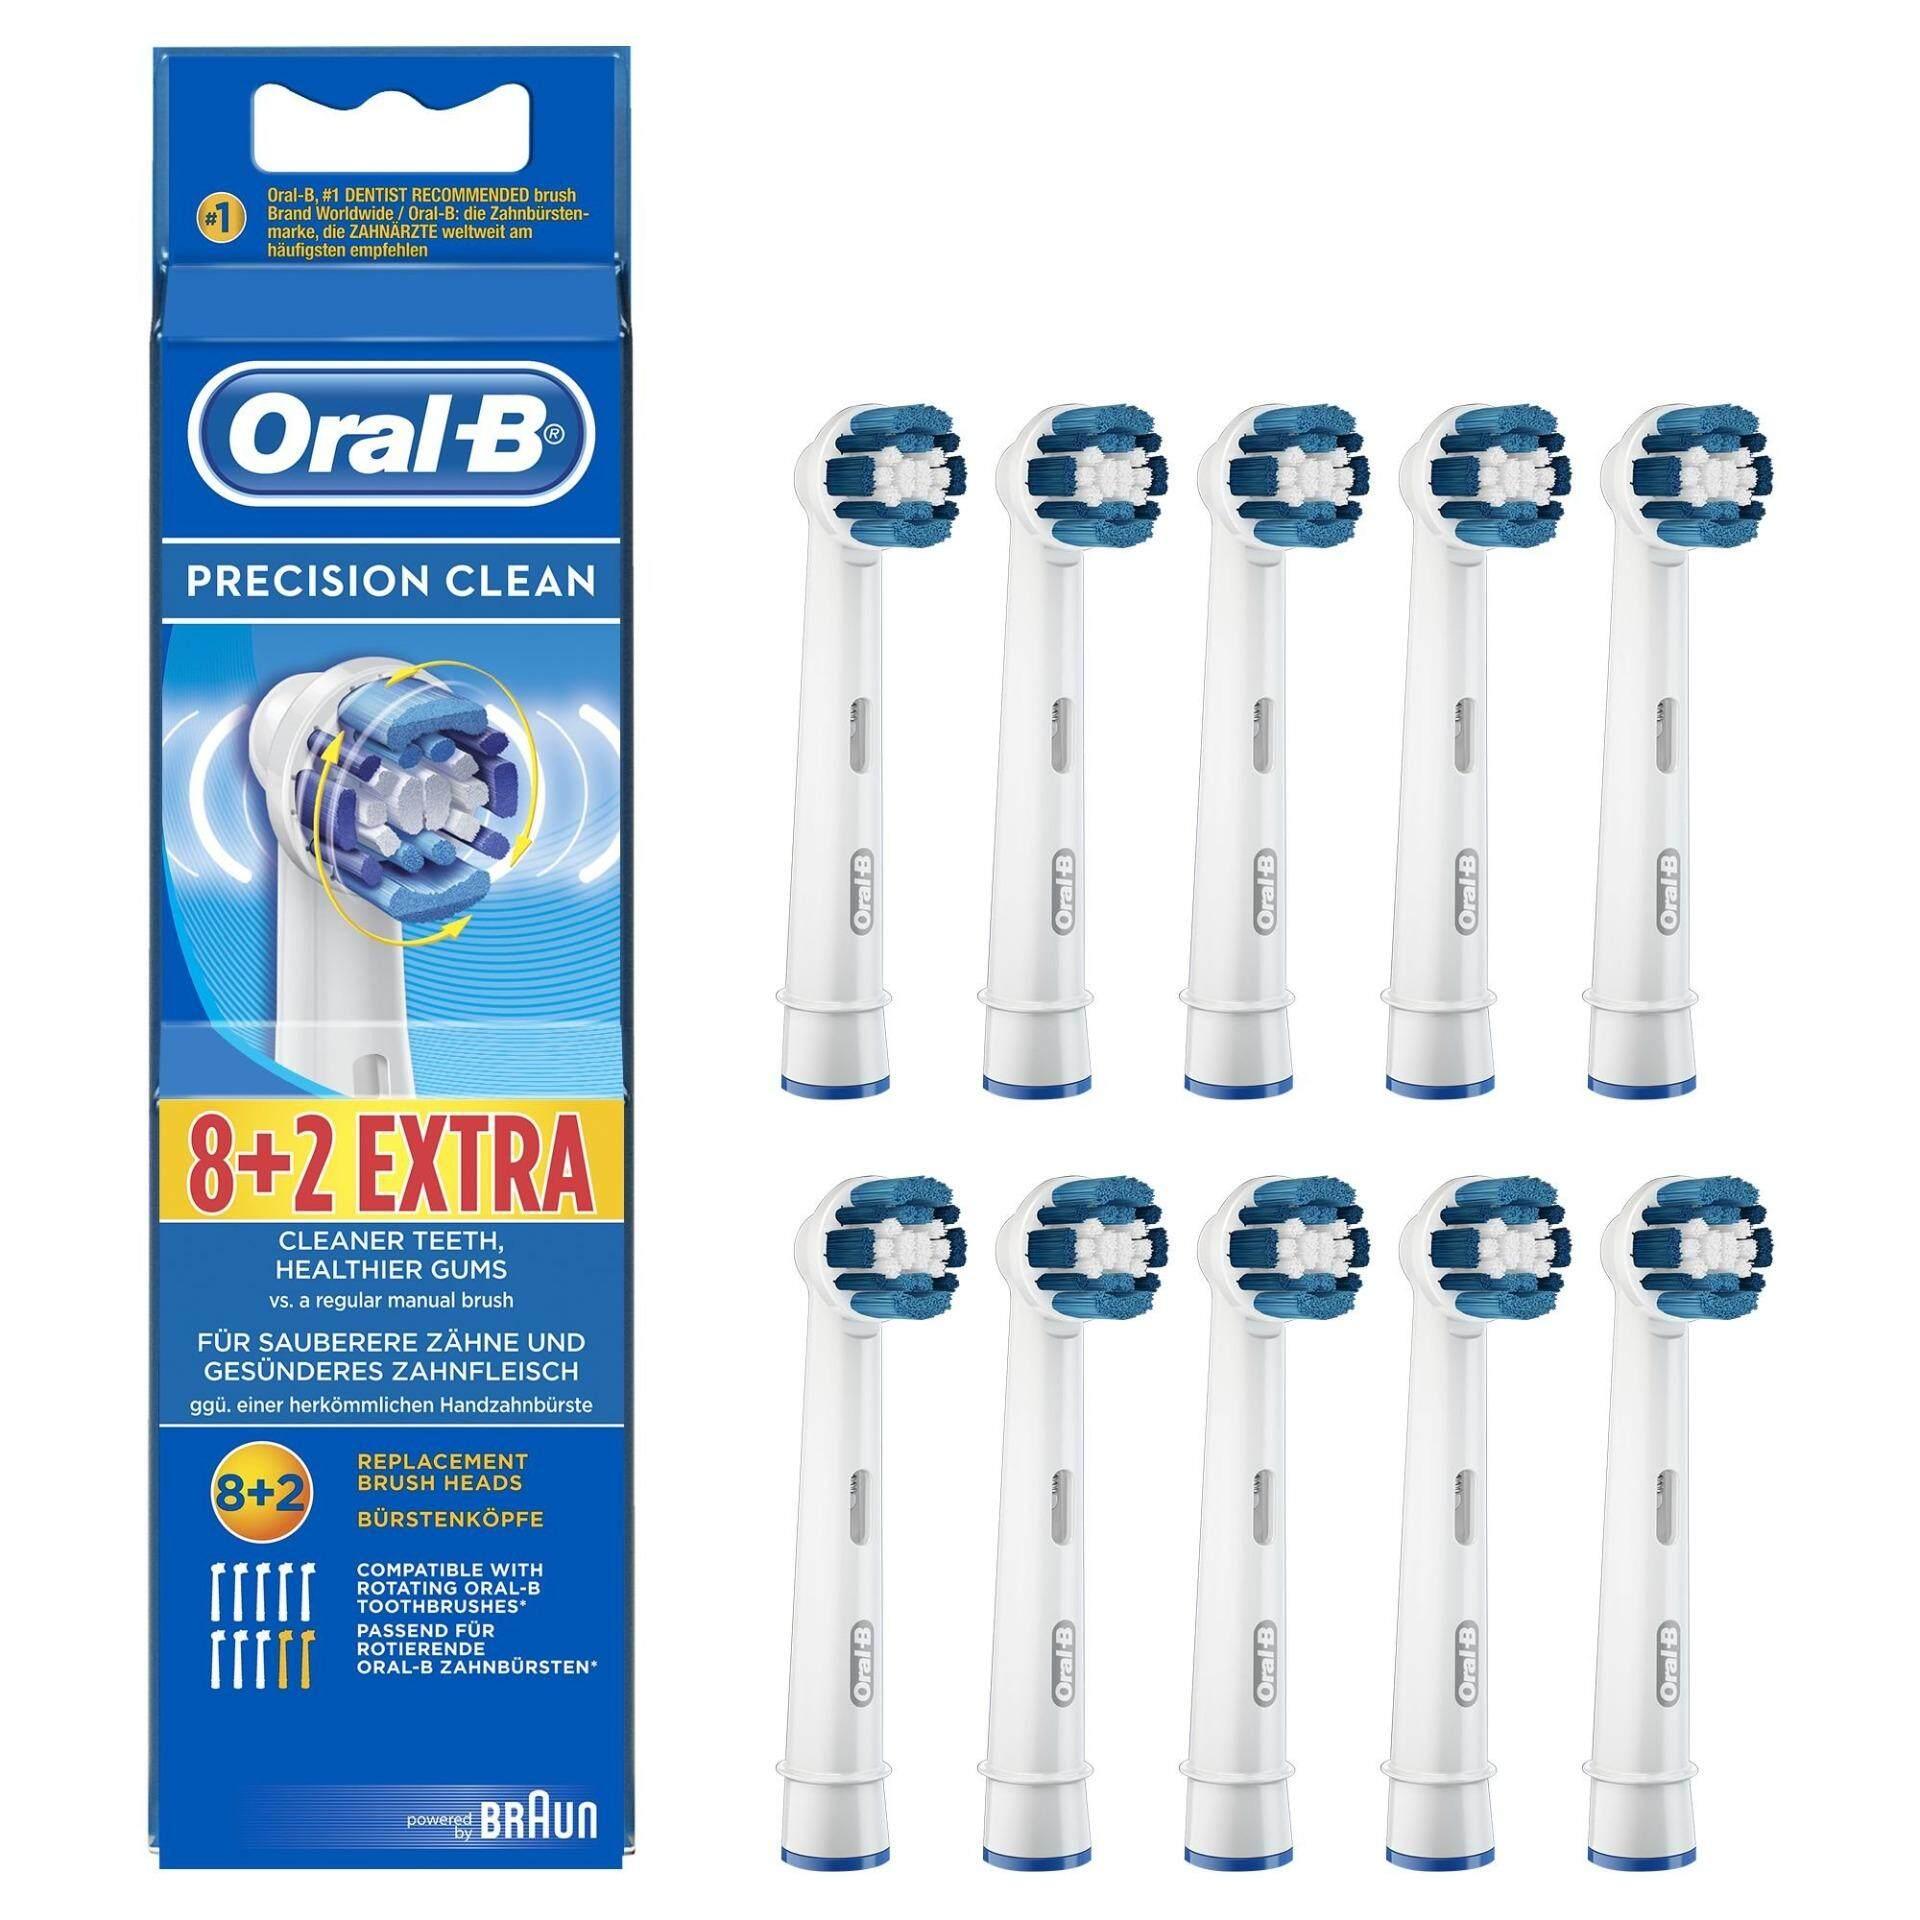 ยโสธร หัวแปรงสีฟันไฟฟ้า Oral B รุ่น Precision clean แพค 10 หัวแปรง